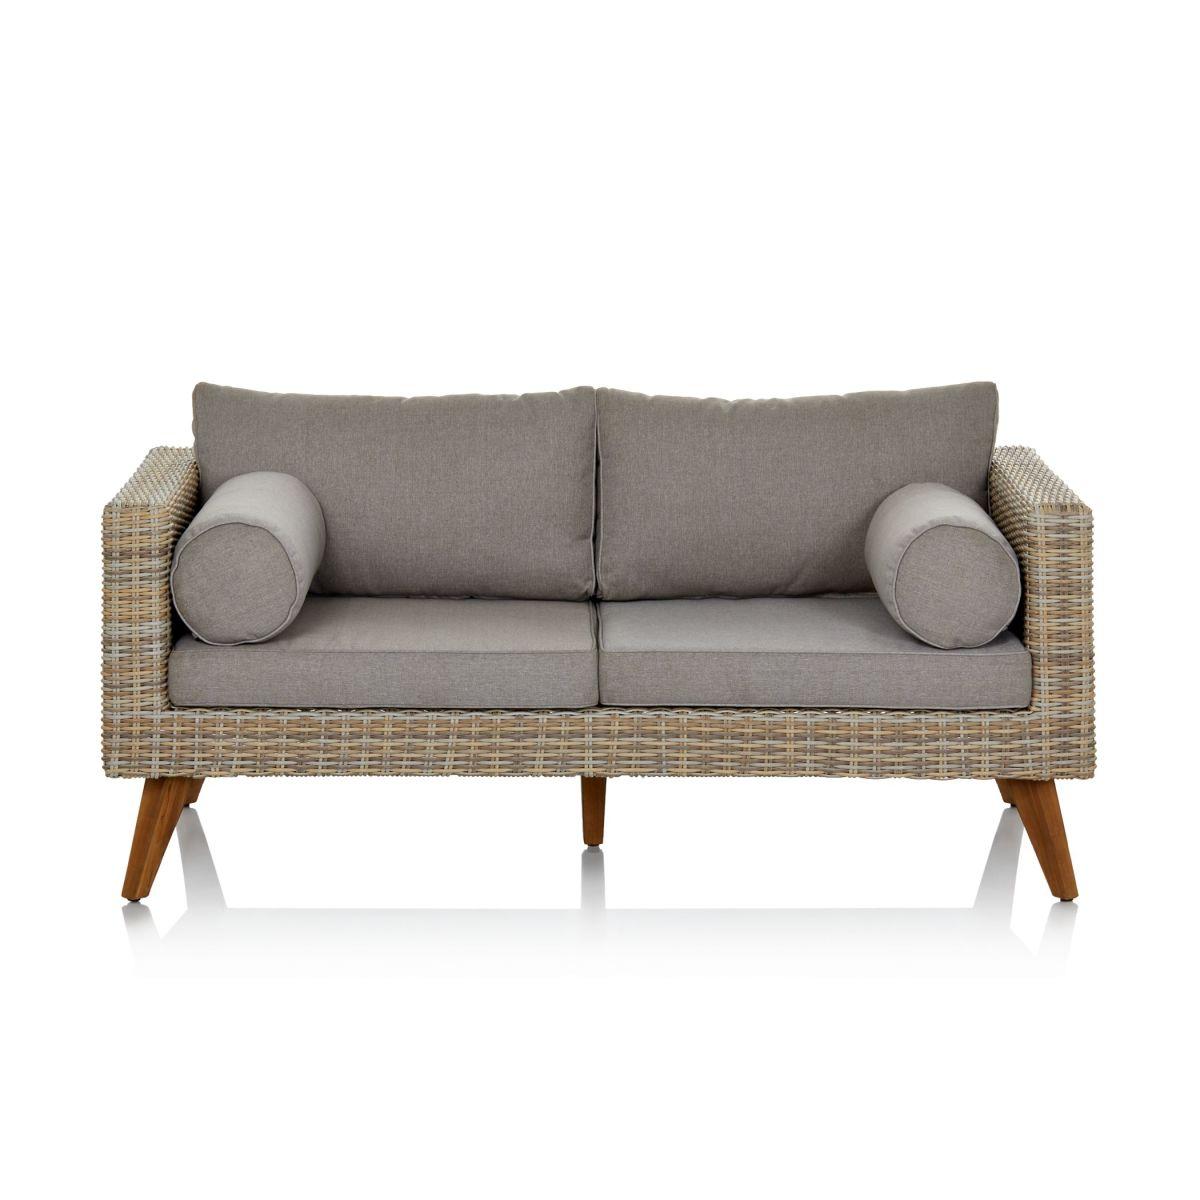 outdoor sofa g nstig kaufen. Black Bedroom Furniture Sets. Home Design Ideas